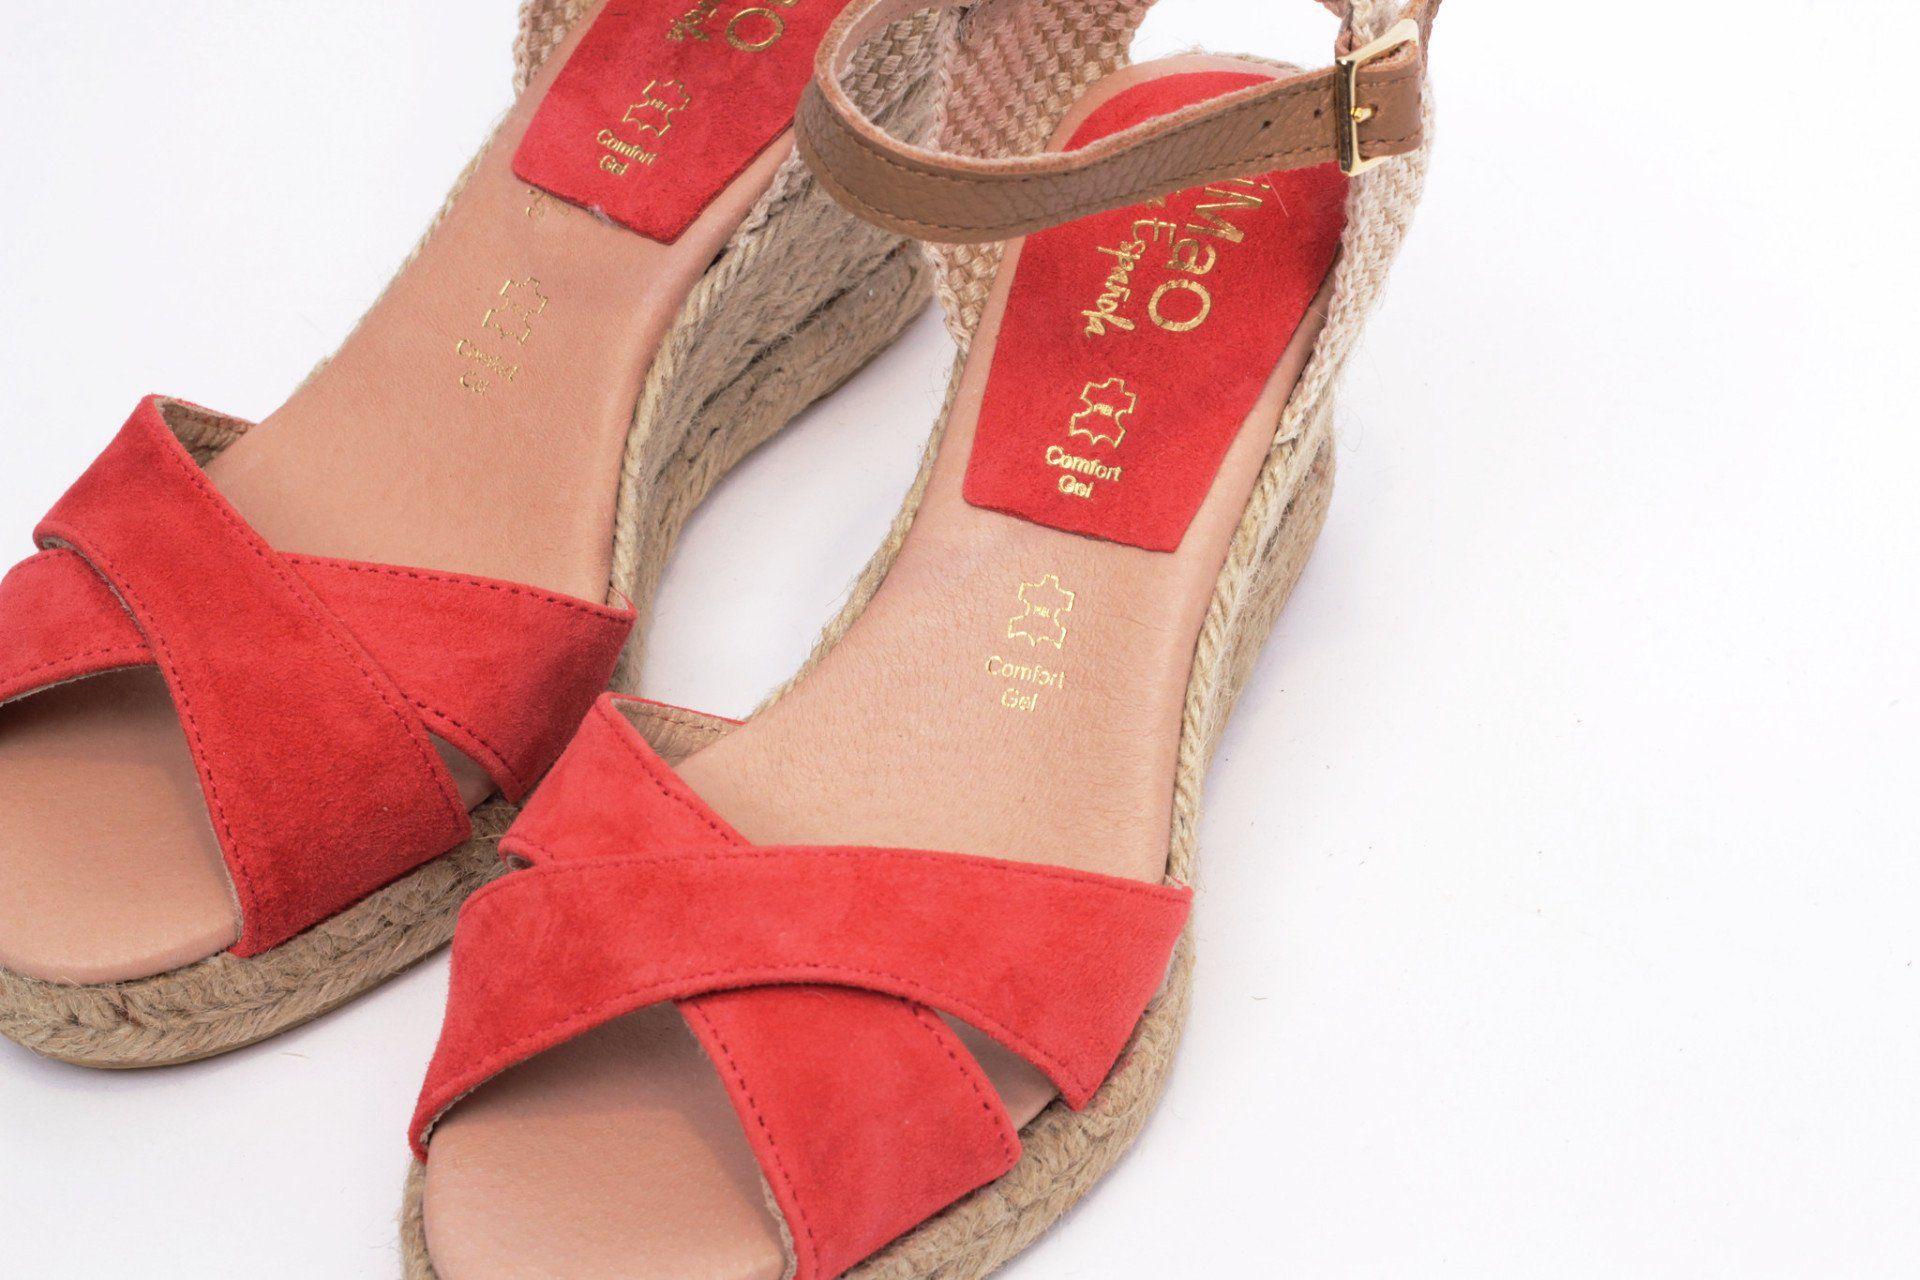 df41089805ba8 miMaO Esparto M Coral - Sandalias mujer tacón cuña cómodo color rojo coral  piel ante yute- Comfort women s sandals heel wedge espadrilles mink sand  red ...